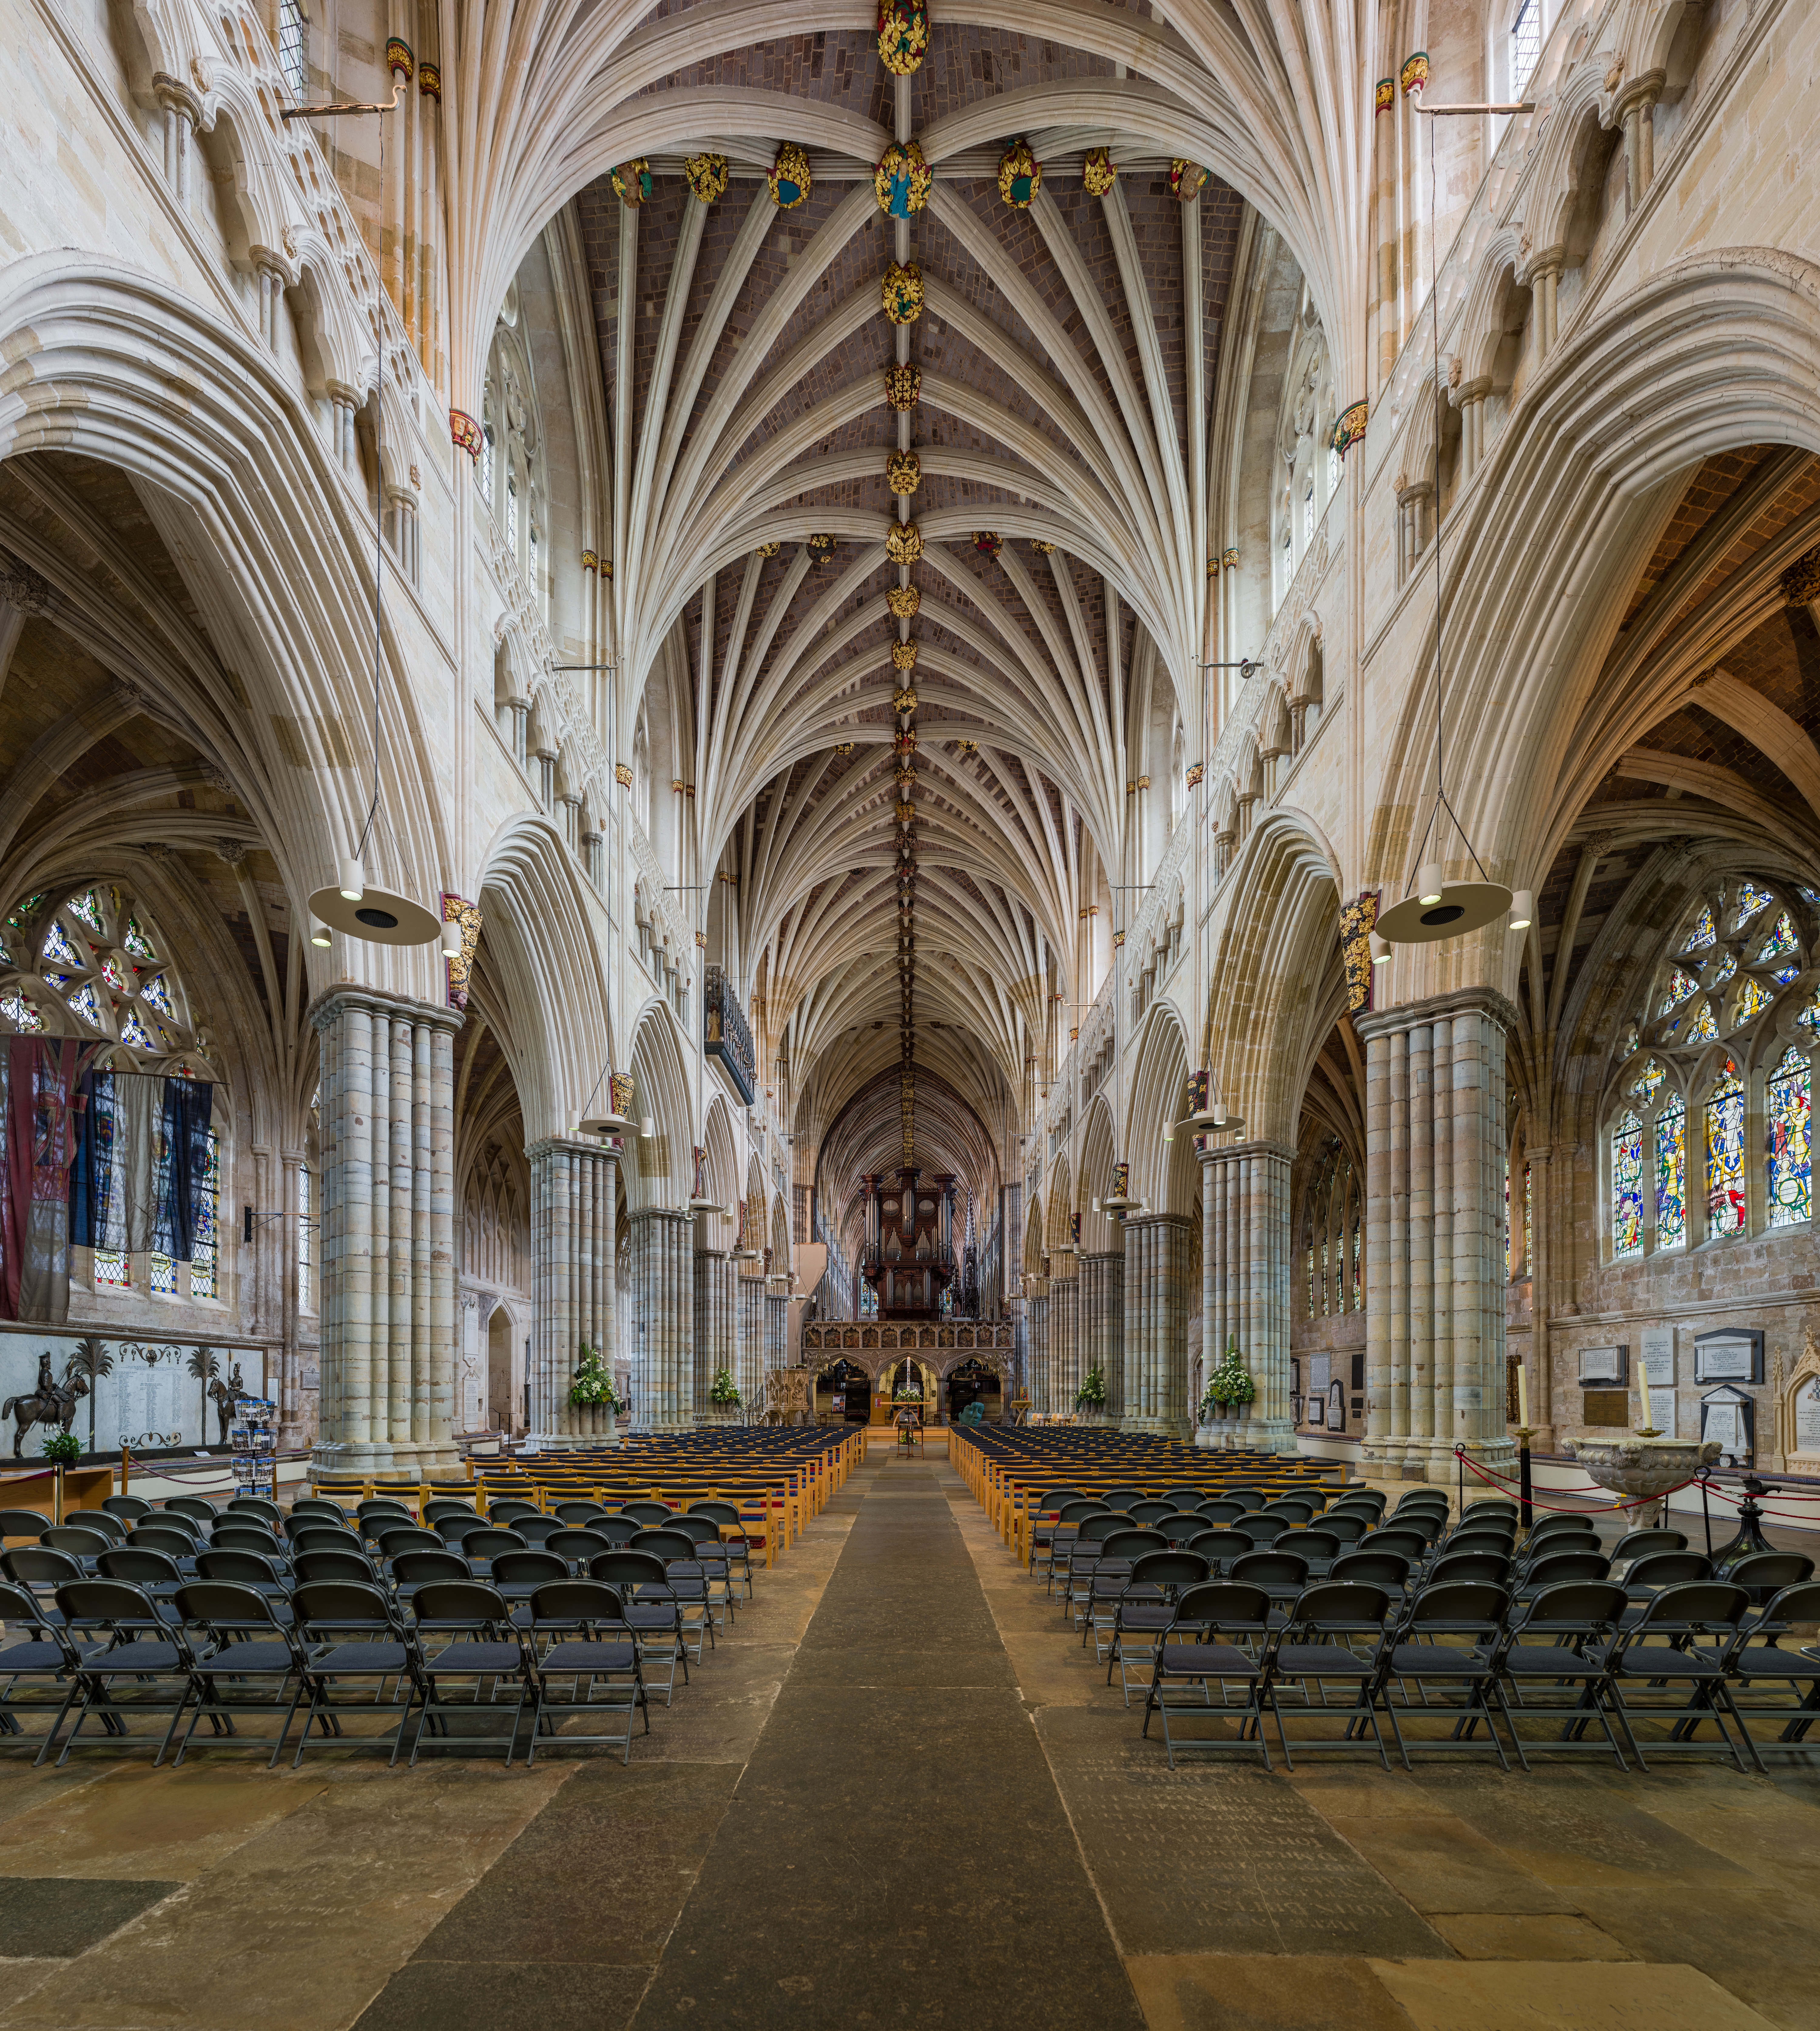 Katedralis online dating